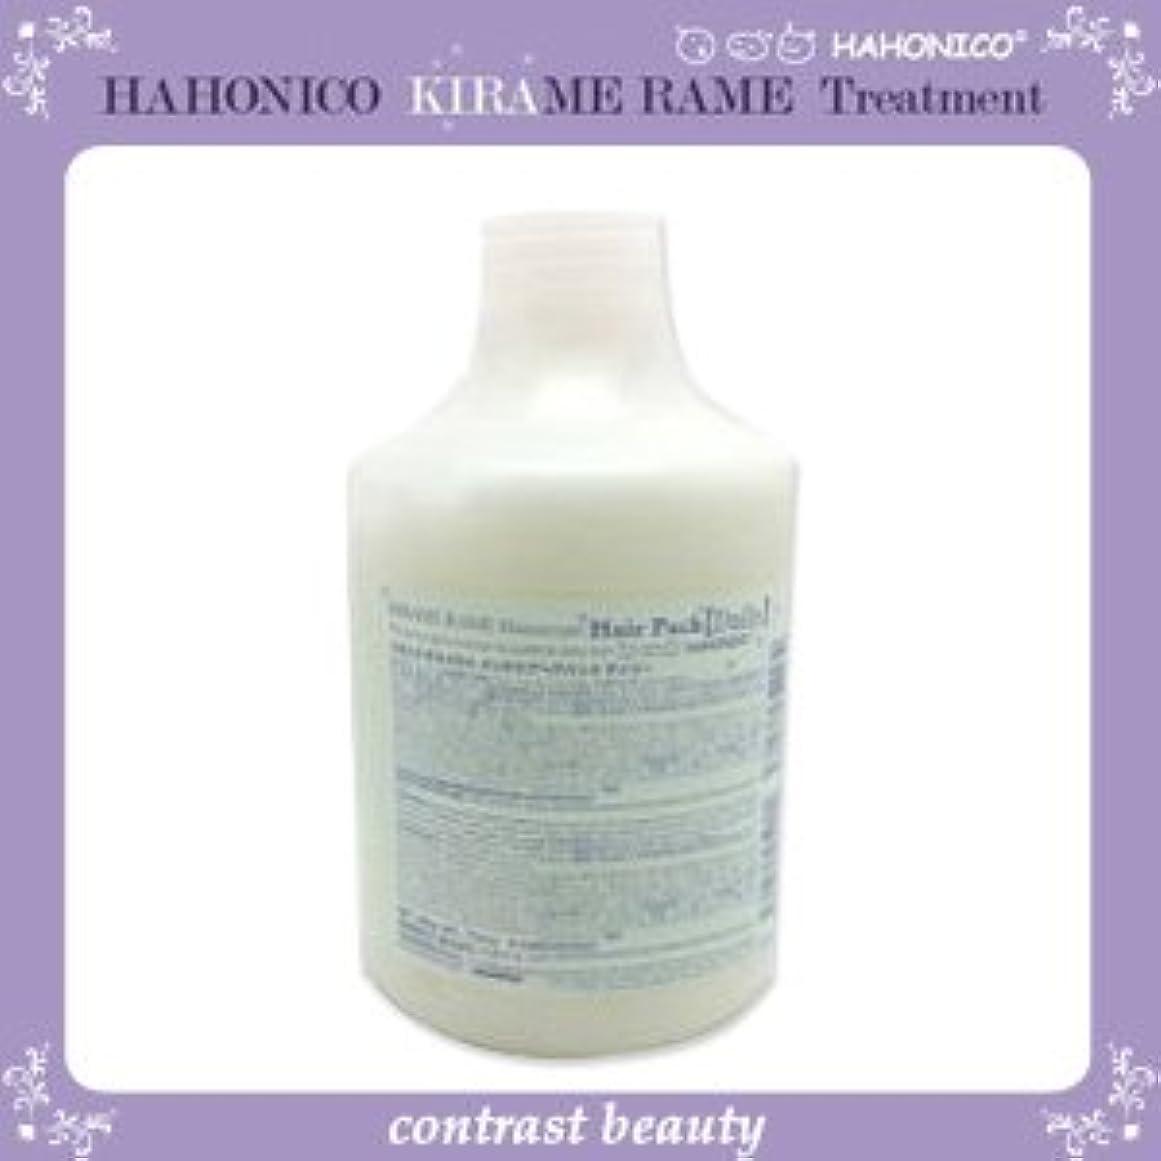 投げる分解する仲間【X3個セット】 ハホニコ キラメラメ メンテケアヘアパックデイリー 500g KIRAME RAME HAHONICO